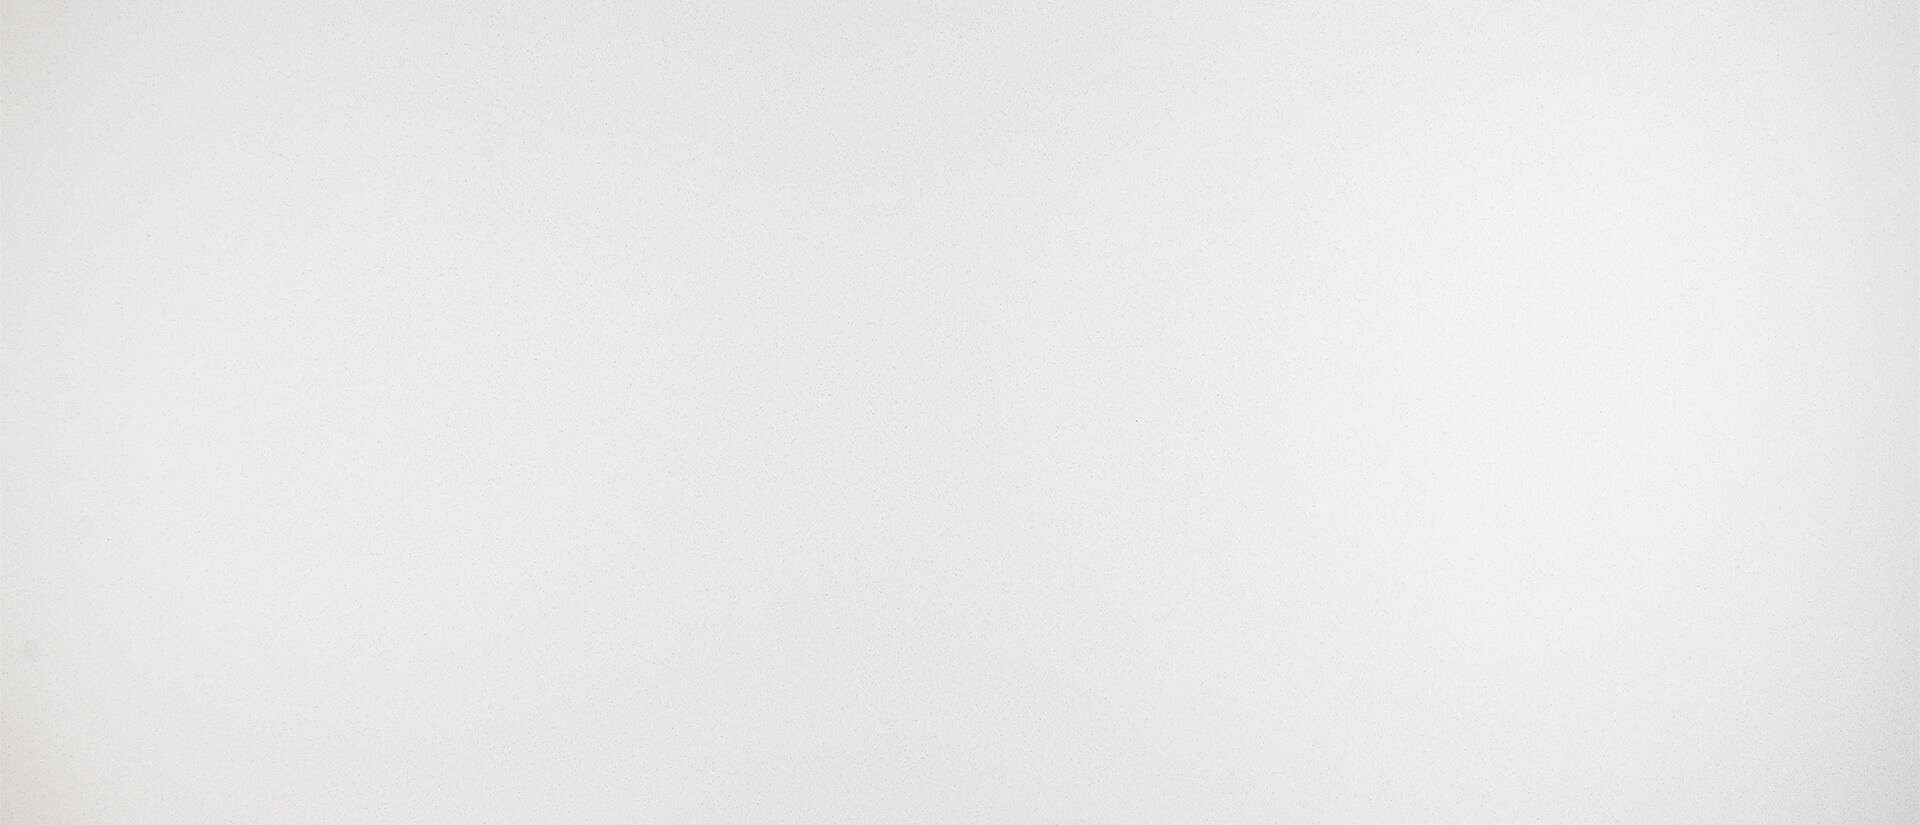 Quartz Countertops - Frost White | Q Premium Natural Quartz